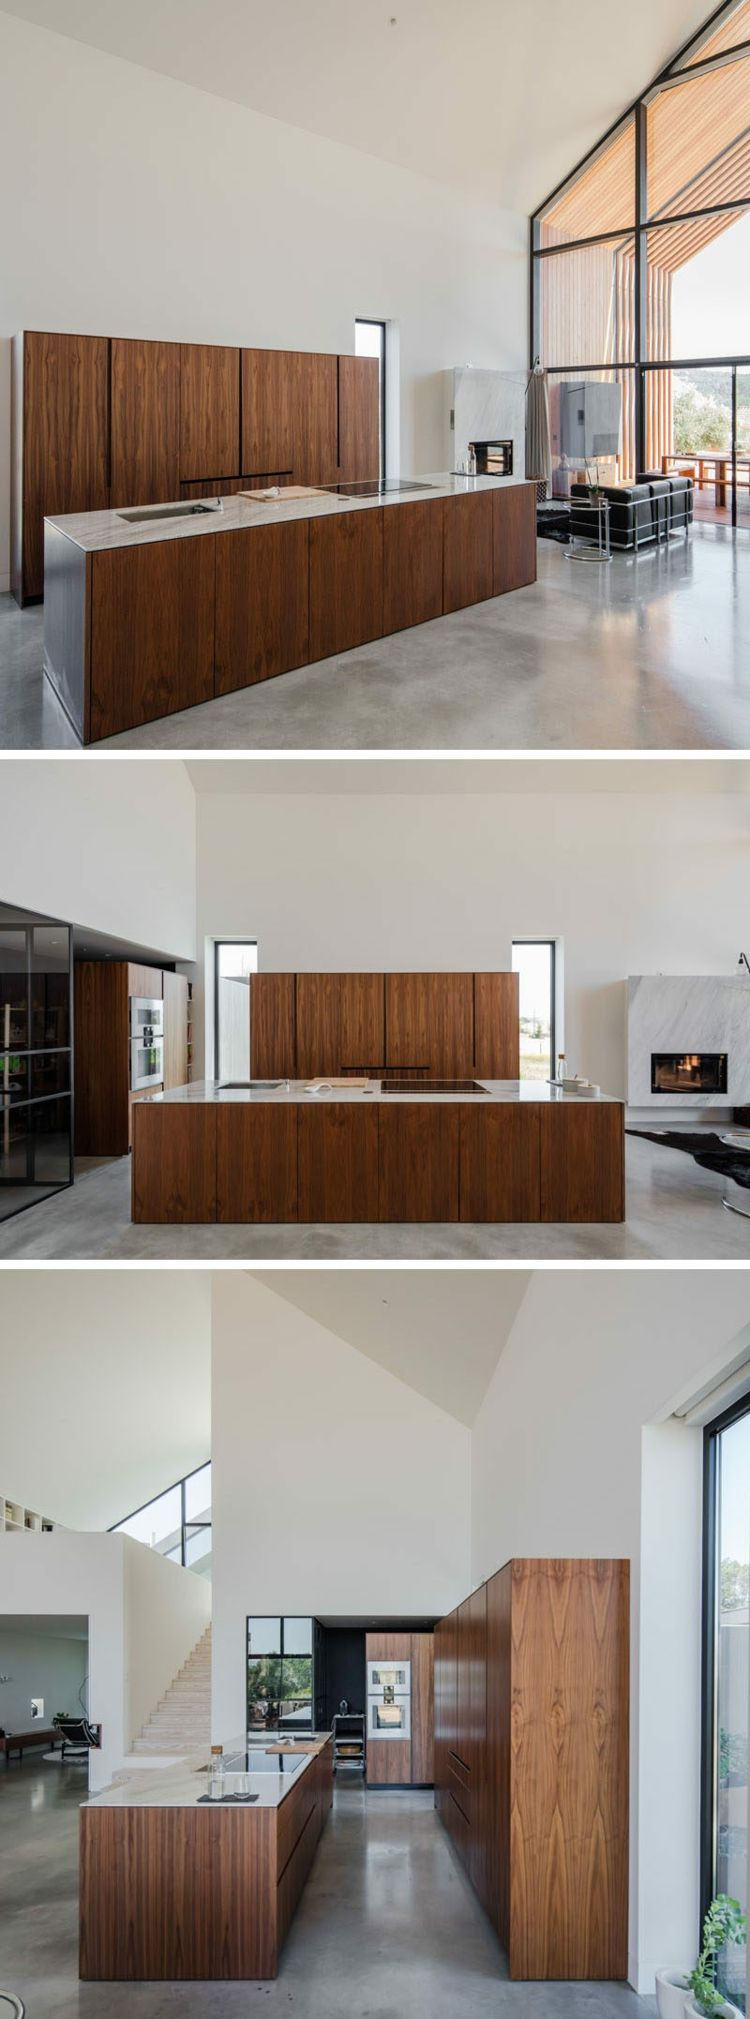 Küchenschrank modern  küche kochinsel geräumig hell küchenschränke #traumhäuser #modern ...